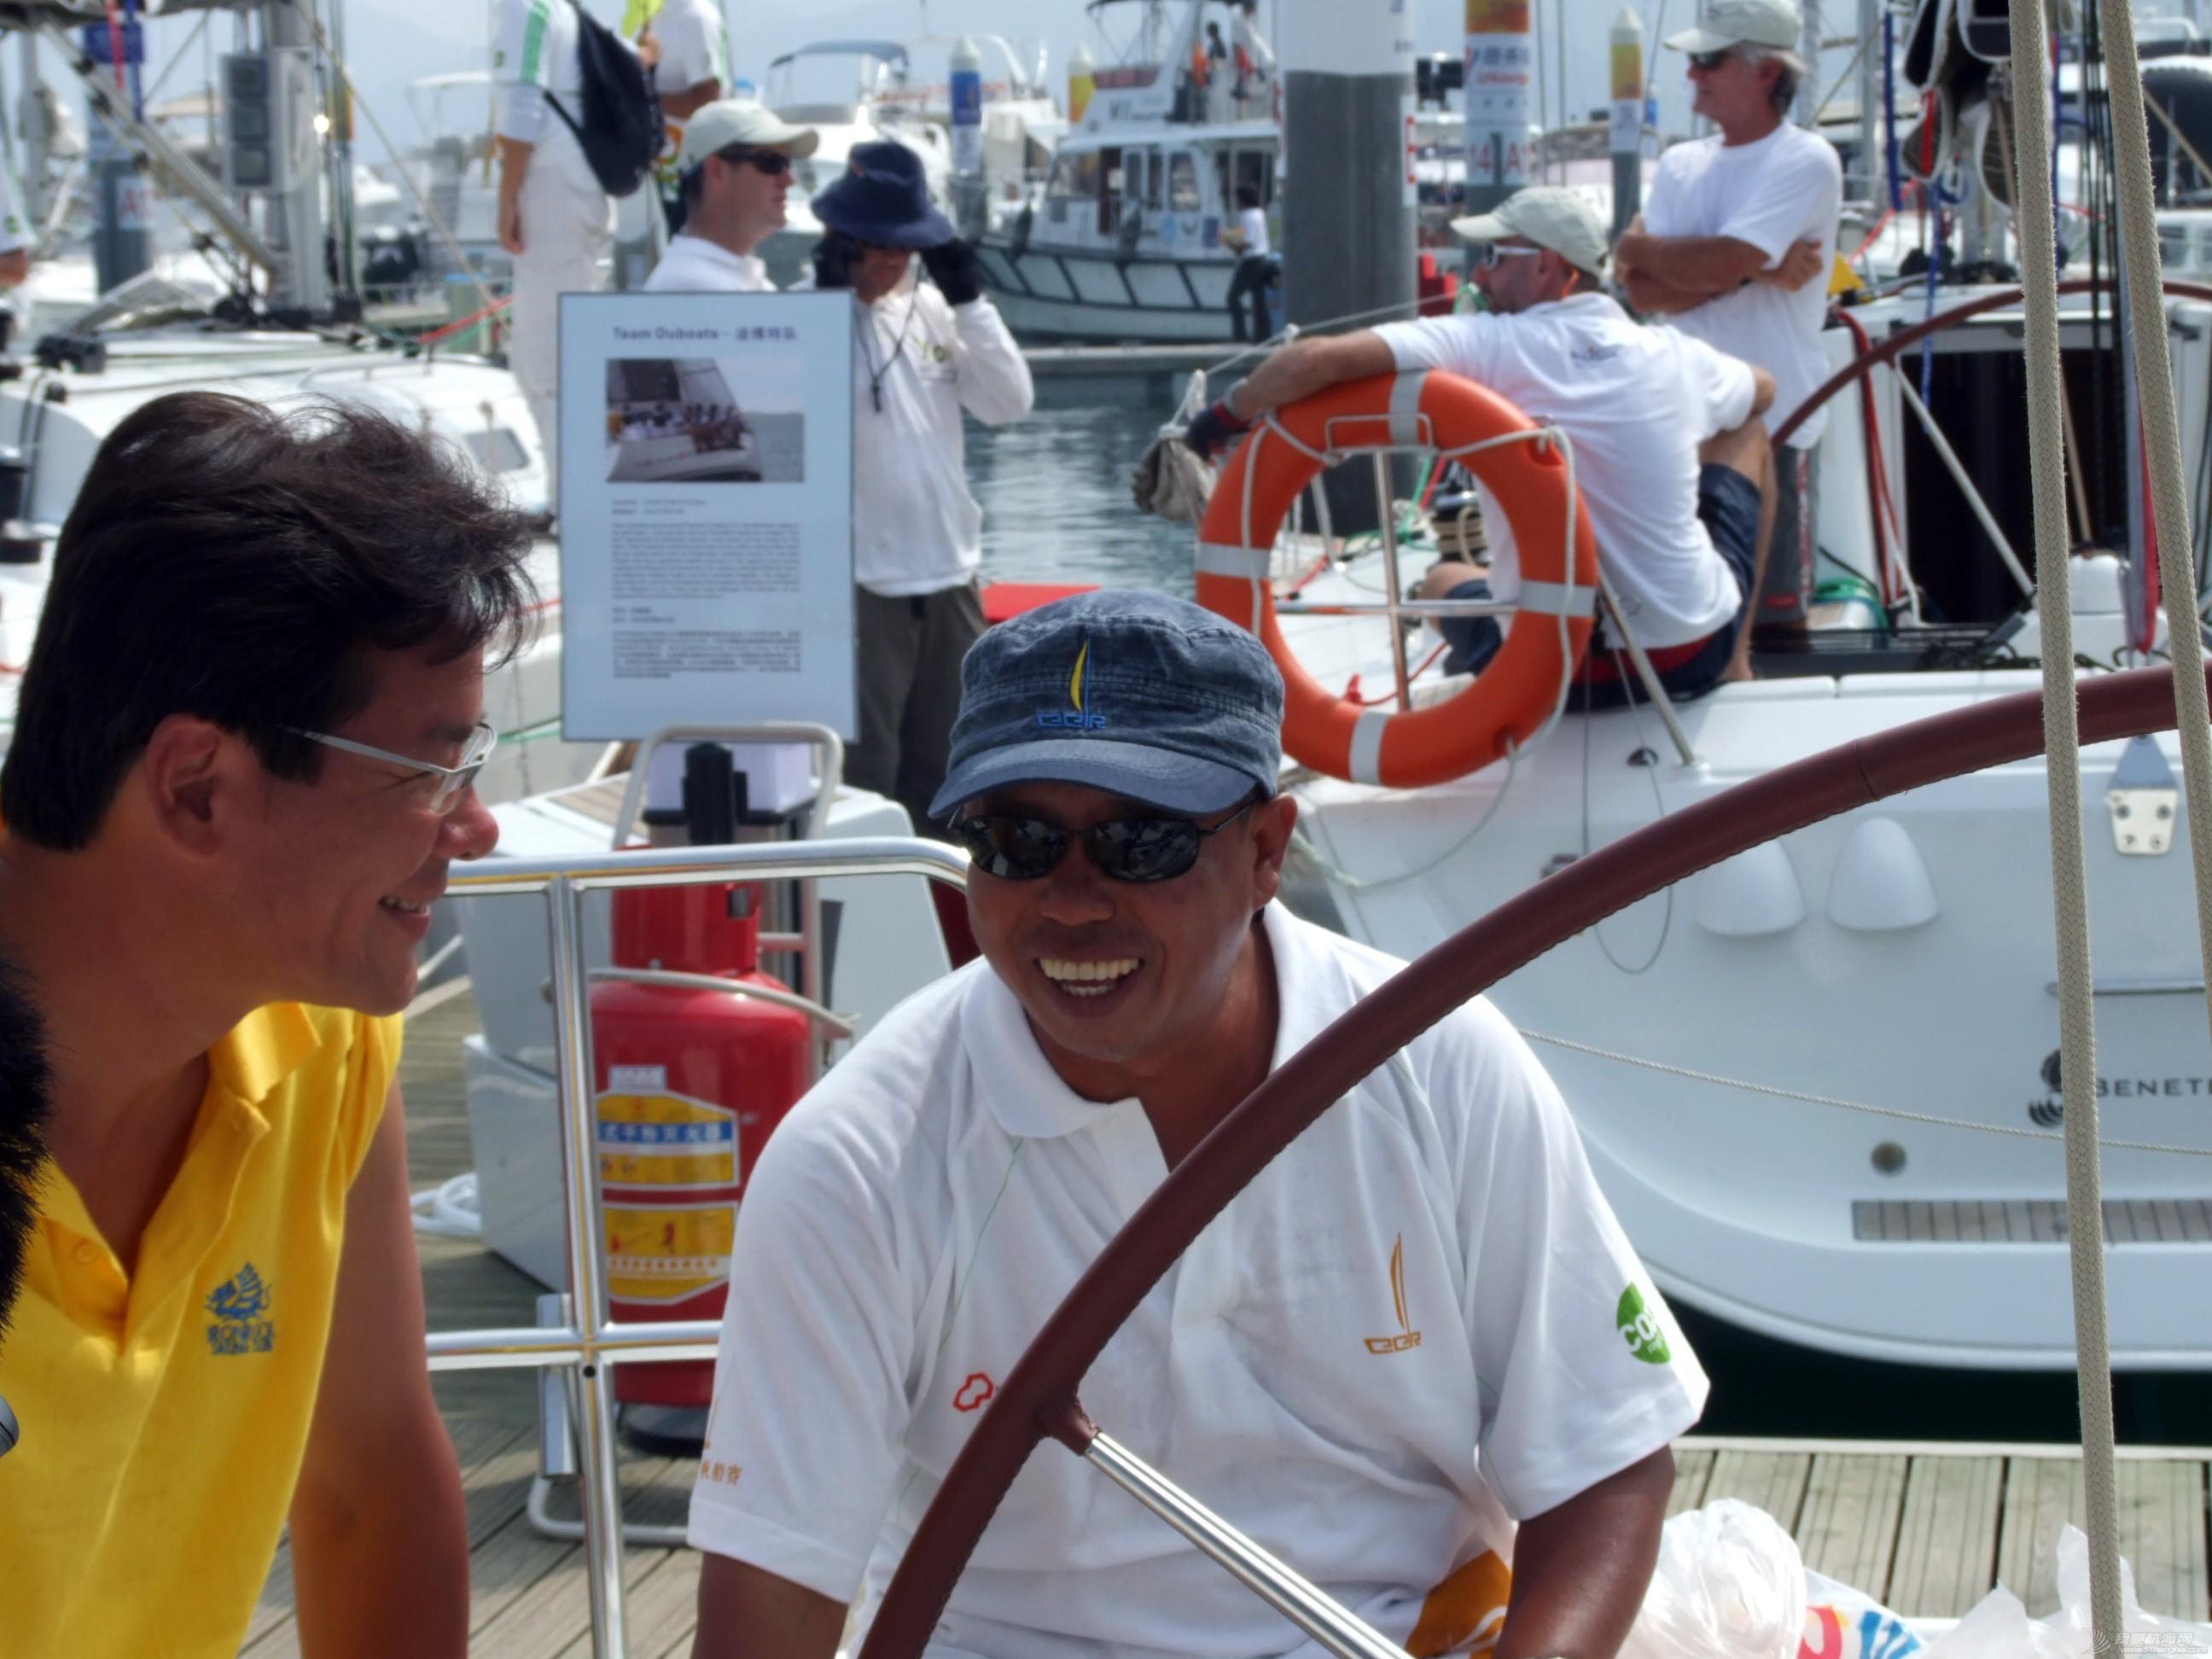 鼓浪屿,帆船运动,带头大哥,中国海,爱好者 我们的奇异漂流——大帆船时代的中国传奇之魏军 45dc6a3f38d68e97d9e896a0888fb7a2.jpg